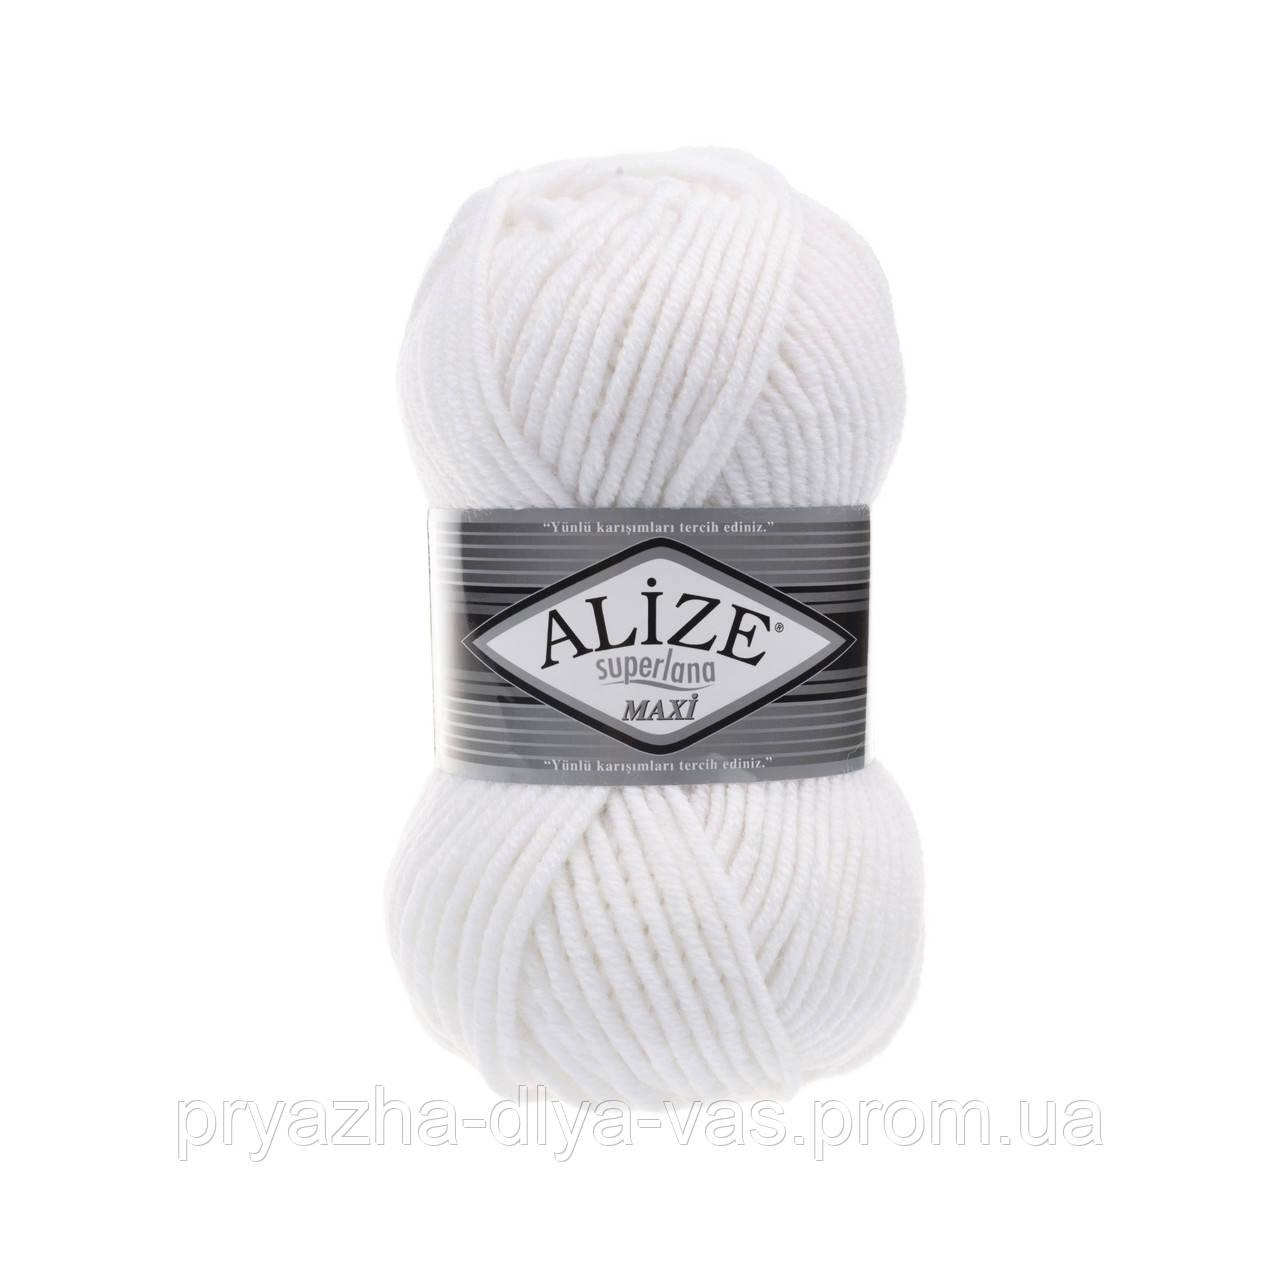 Зимняя пряжа (25% шерсть, 75% акрил; 100г/100м) Alize Superlana MAXI 55 (белый)